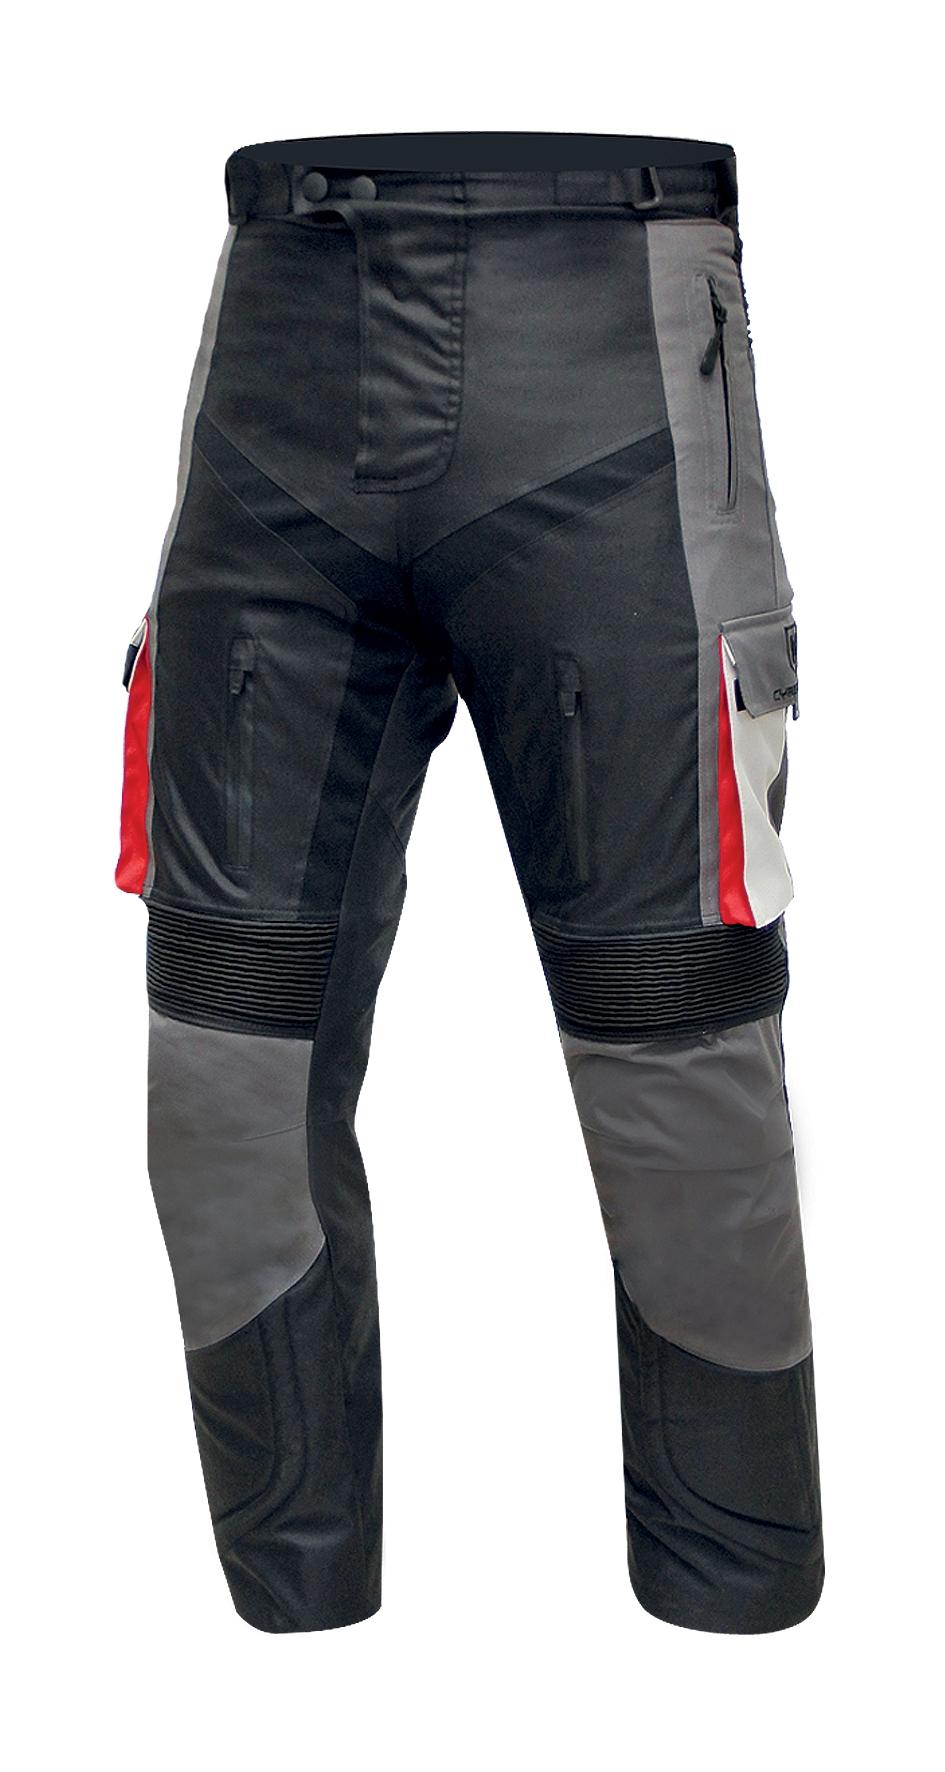 Pánské textilní moto kalhoty Cyber Gear Tour Long, šedé